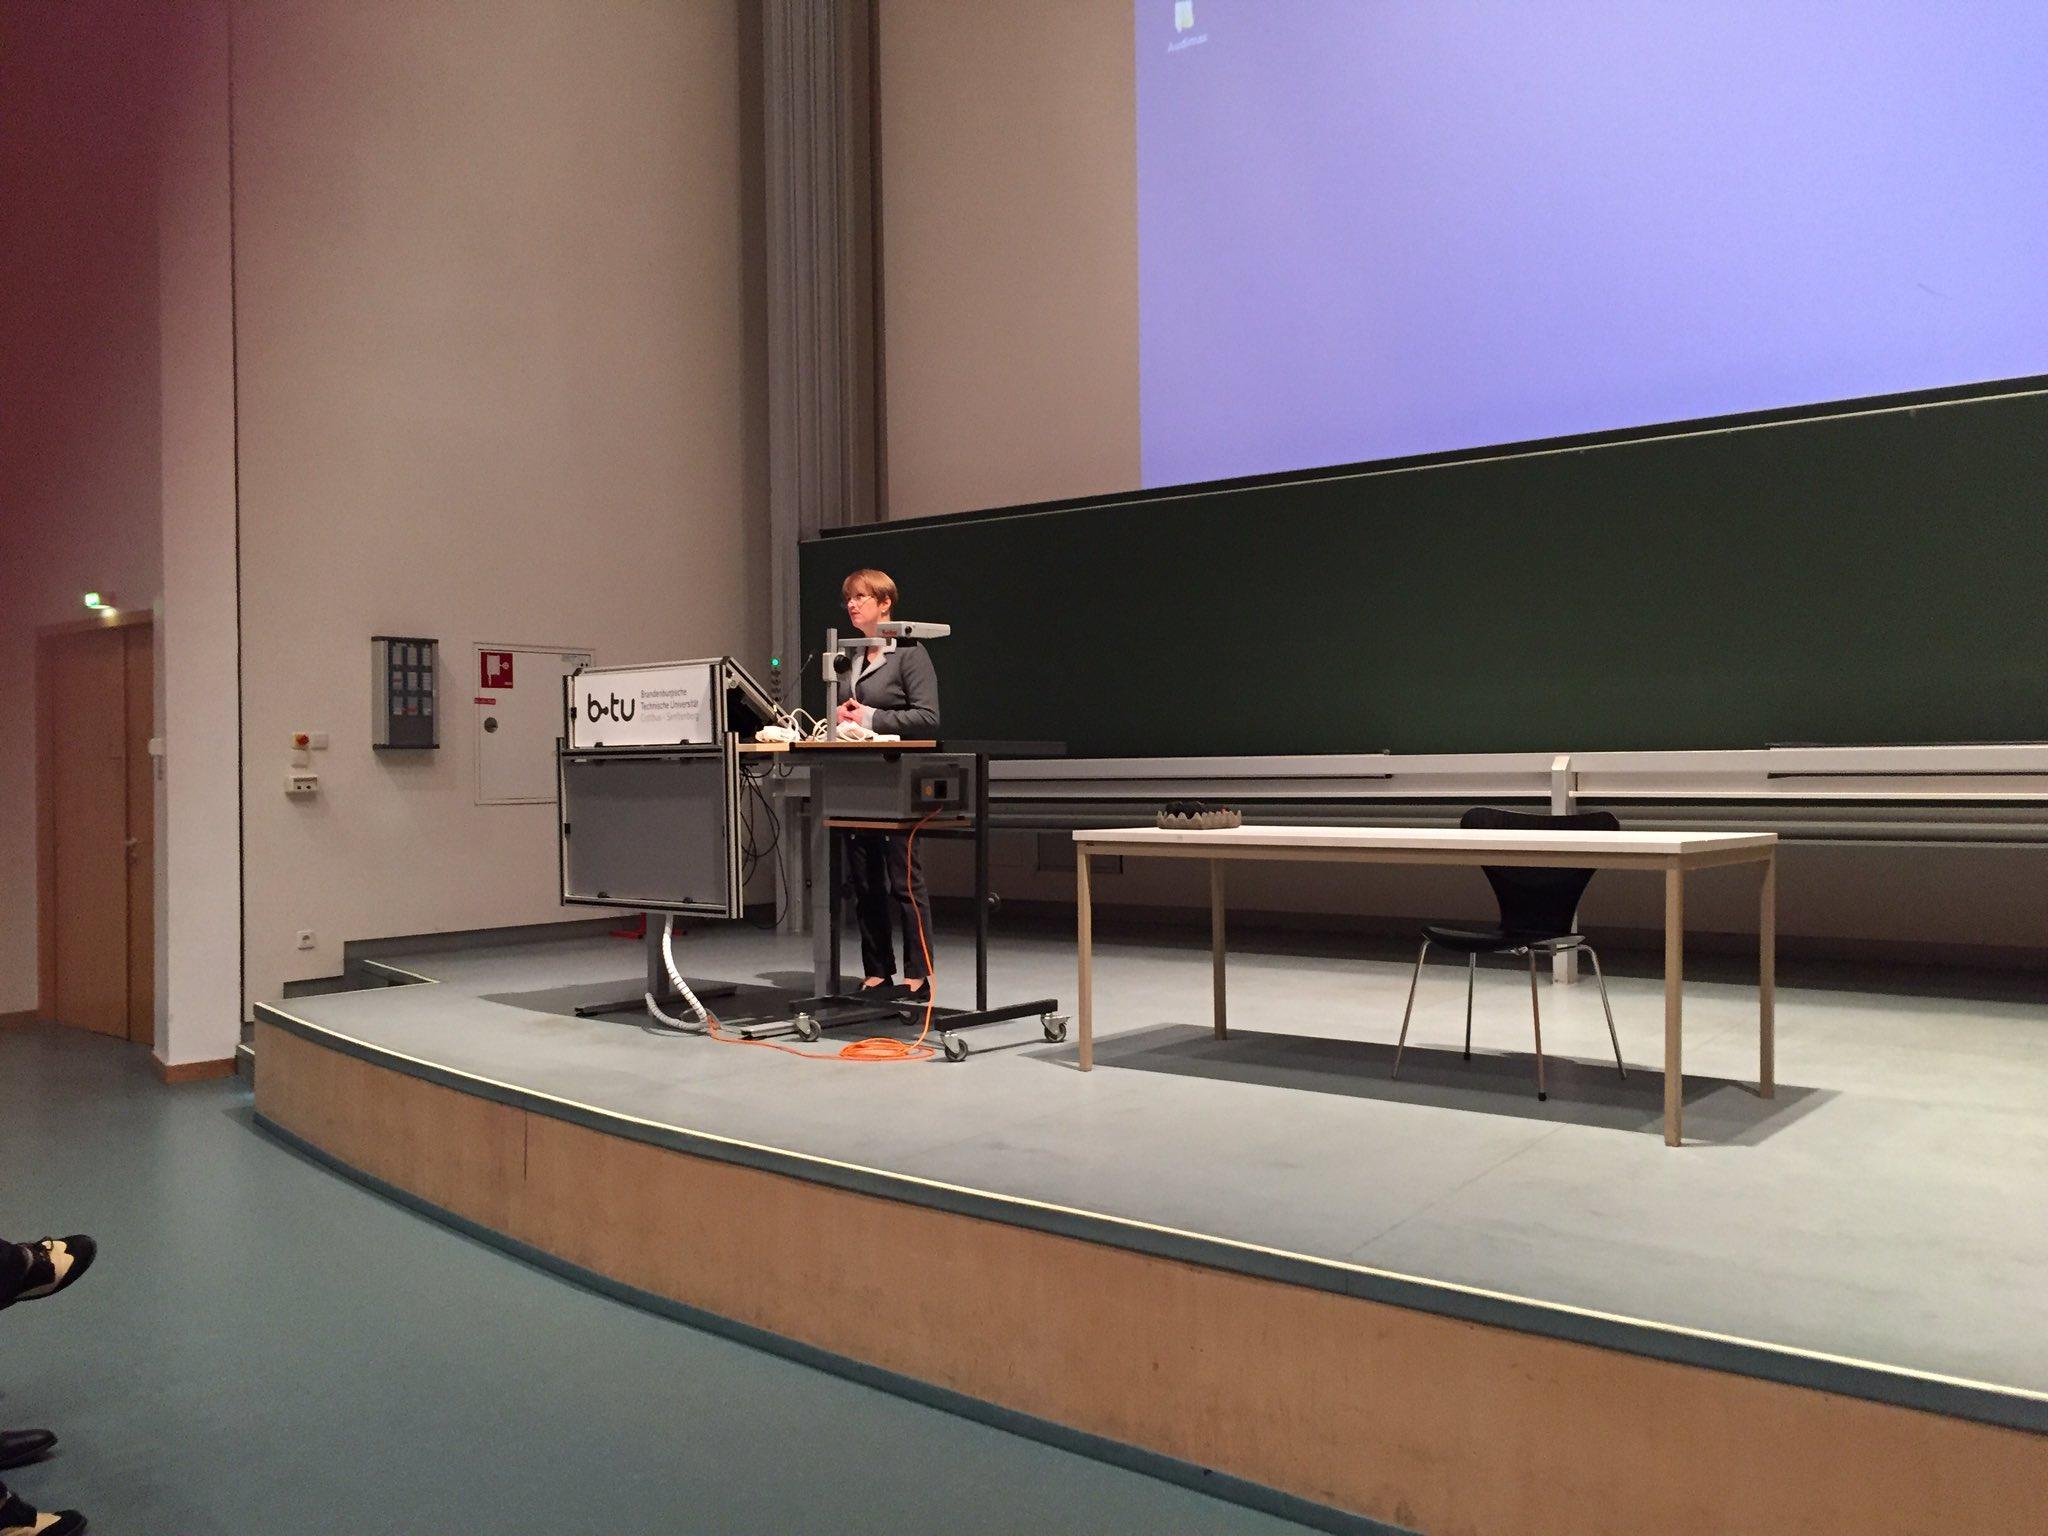 Beginn #tagbib17 mit Ministerin Münch https://t.co/5yt3KChaly